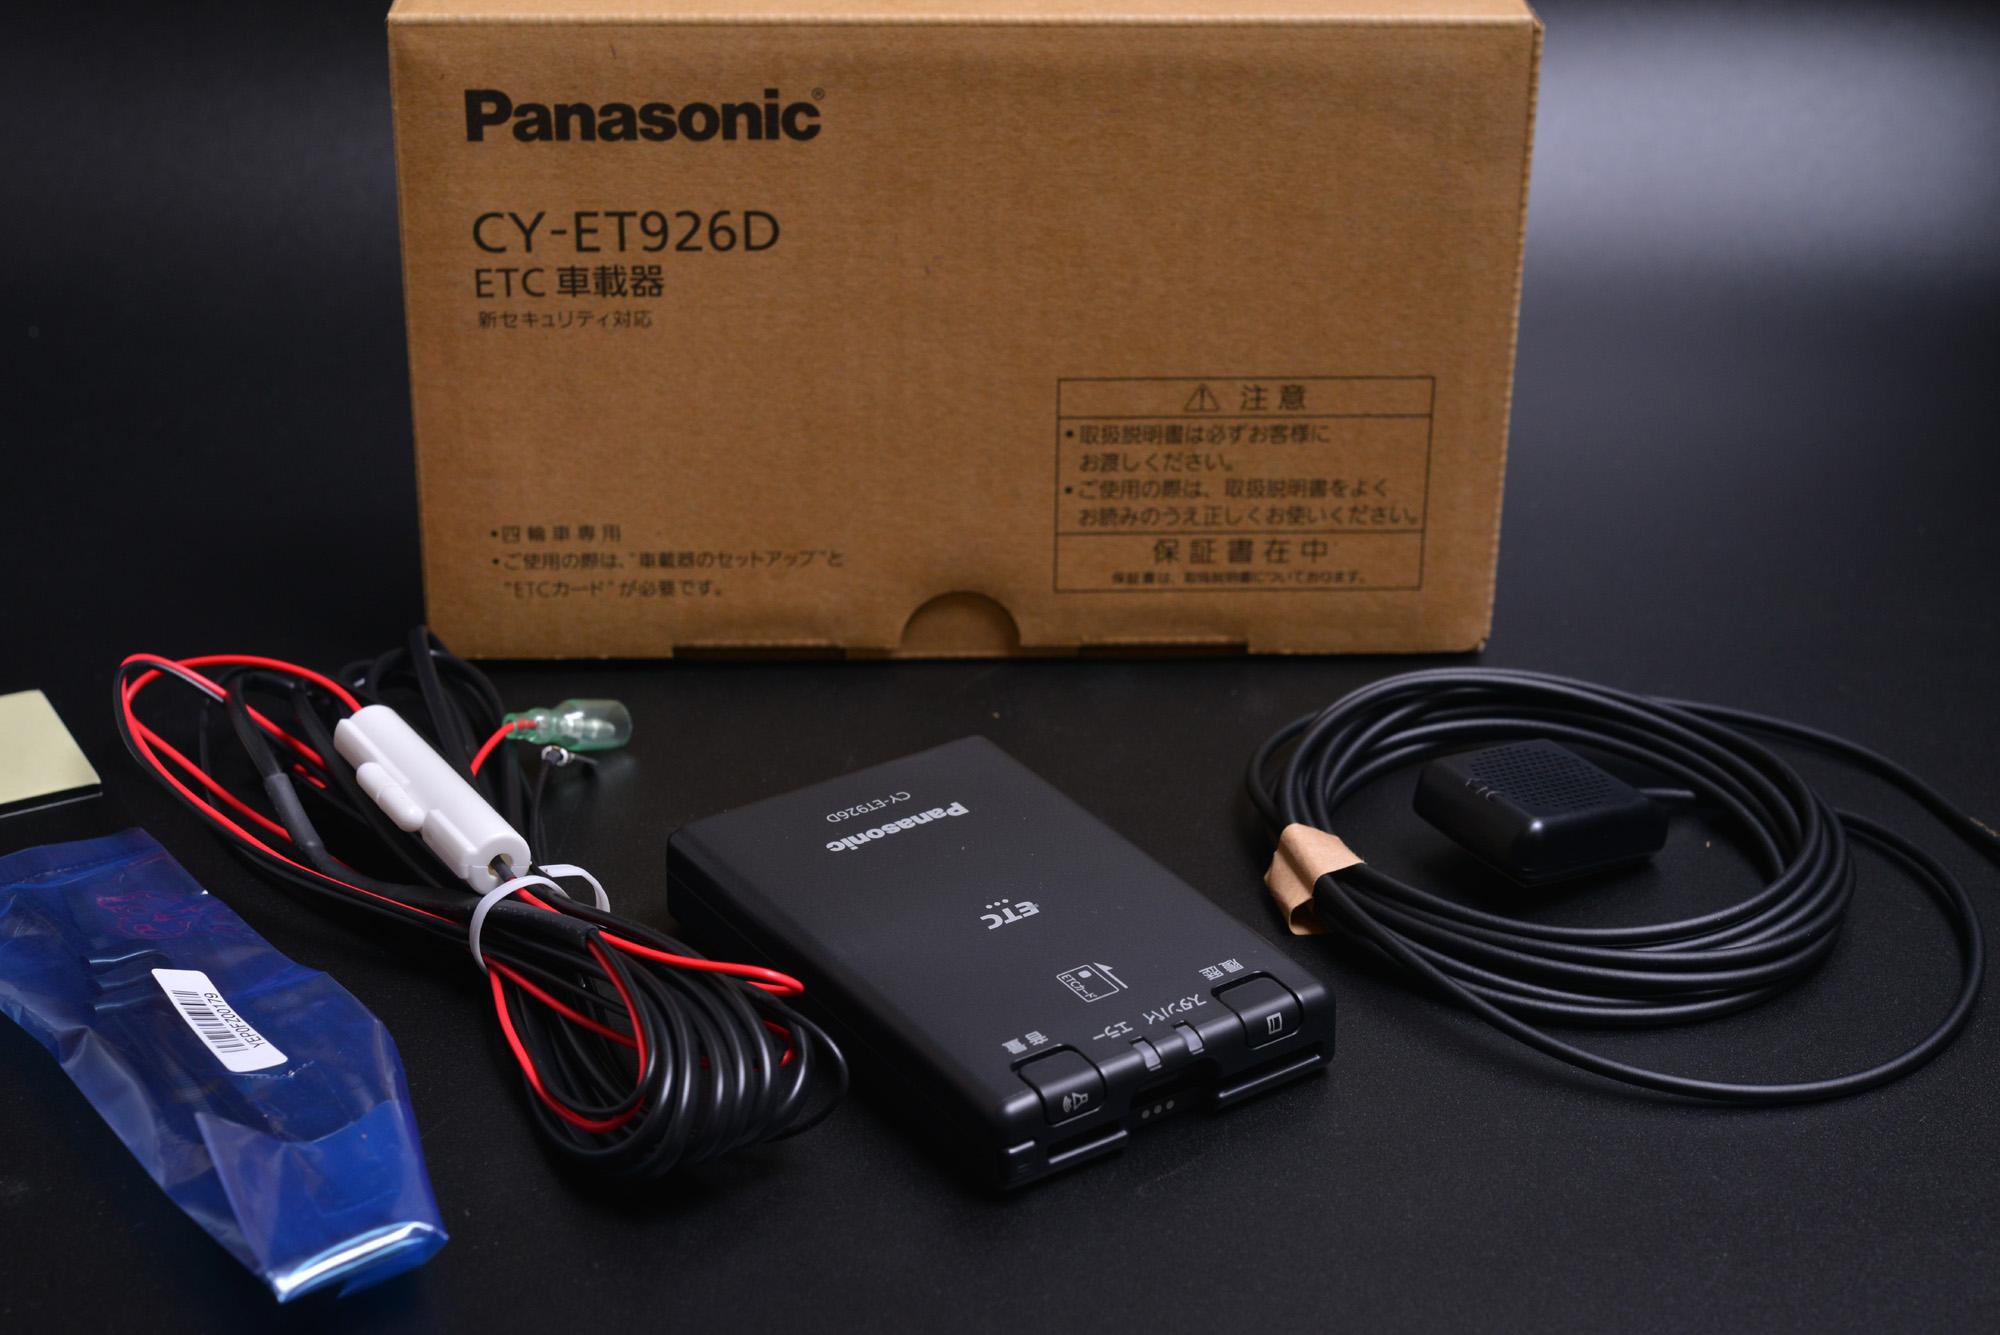 ETC Panasonic CY-ET926D [セットアップ込み]購入しました。